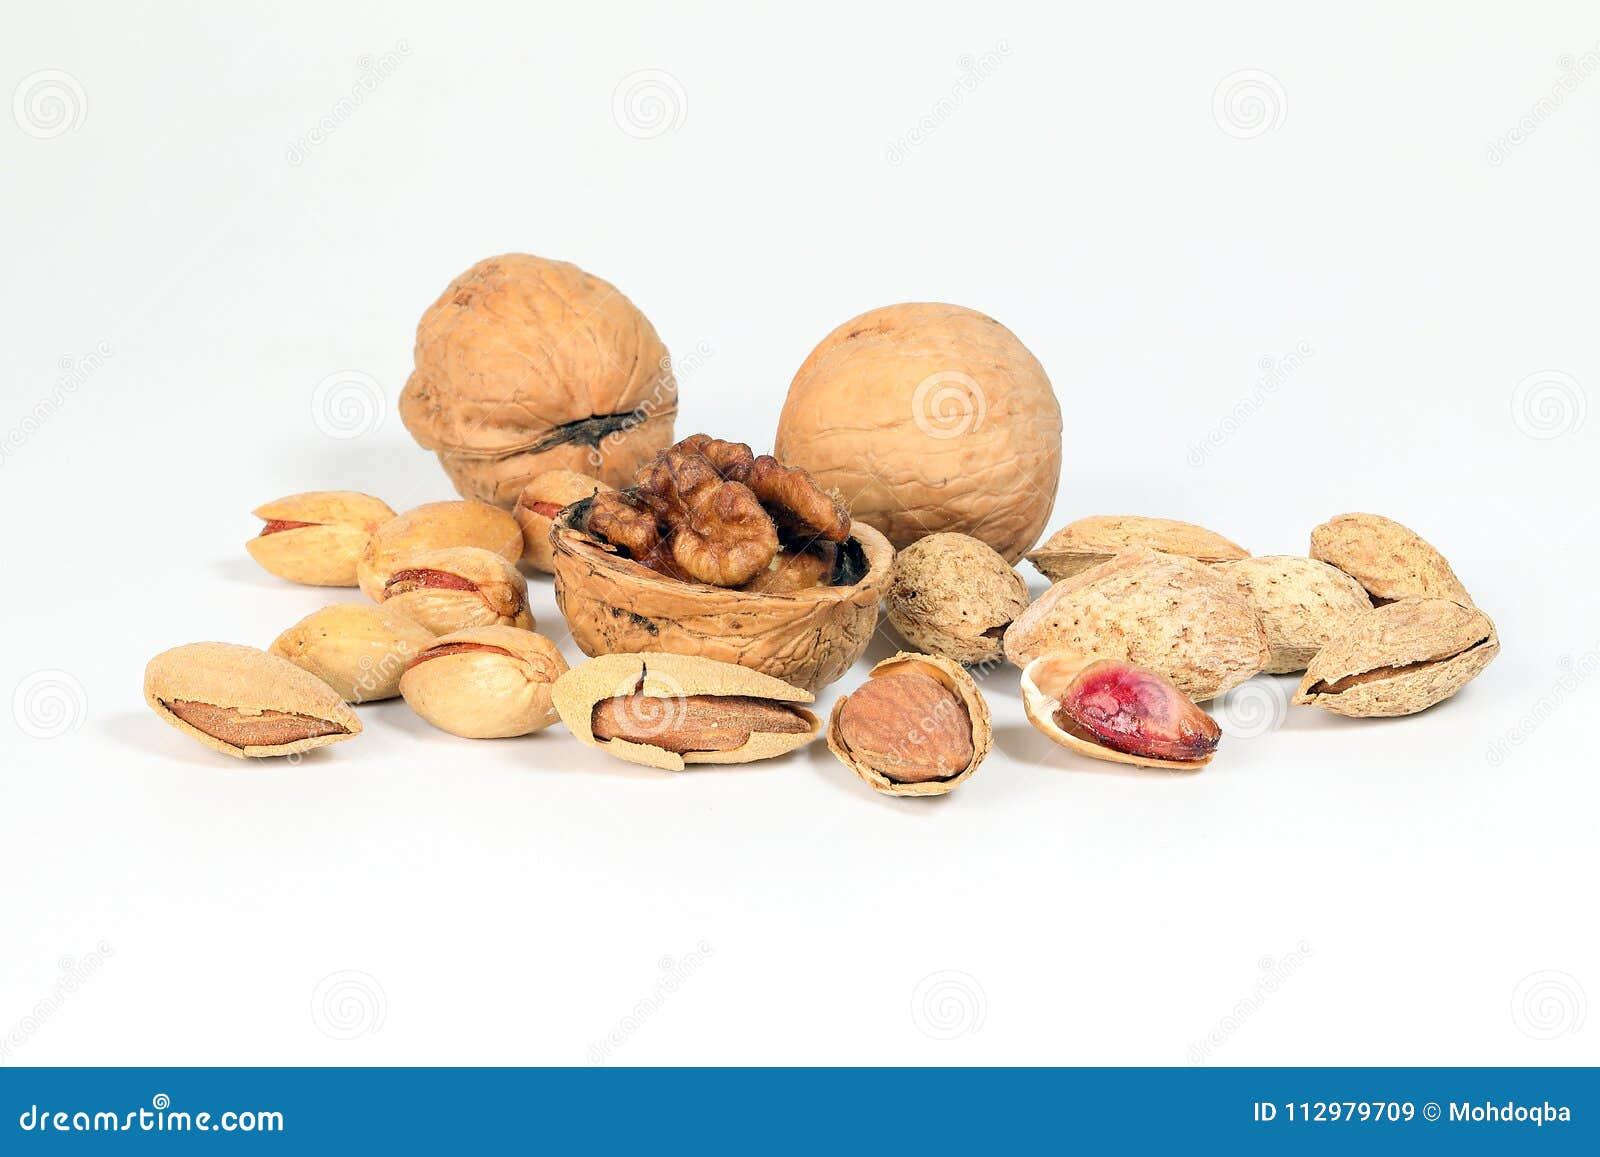 Walnut Almond pistachio